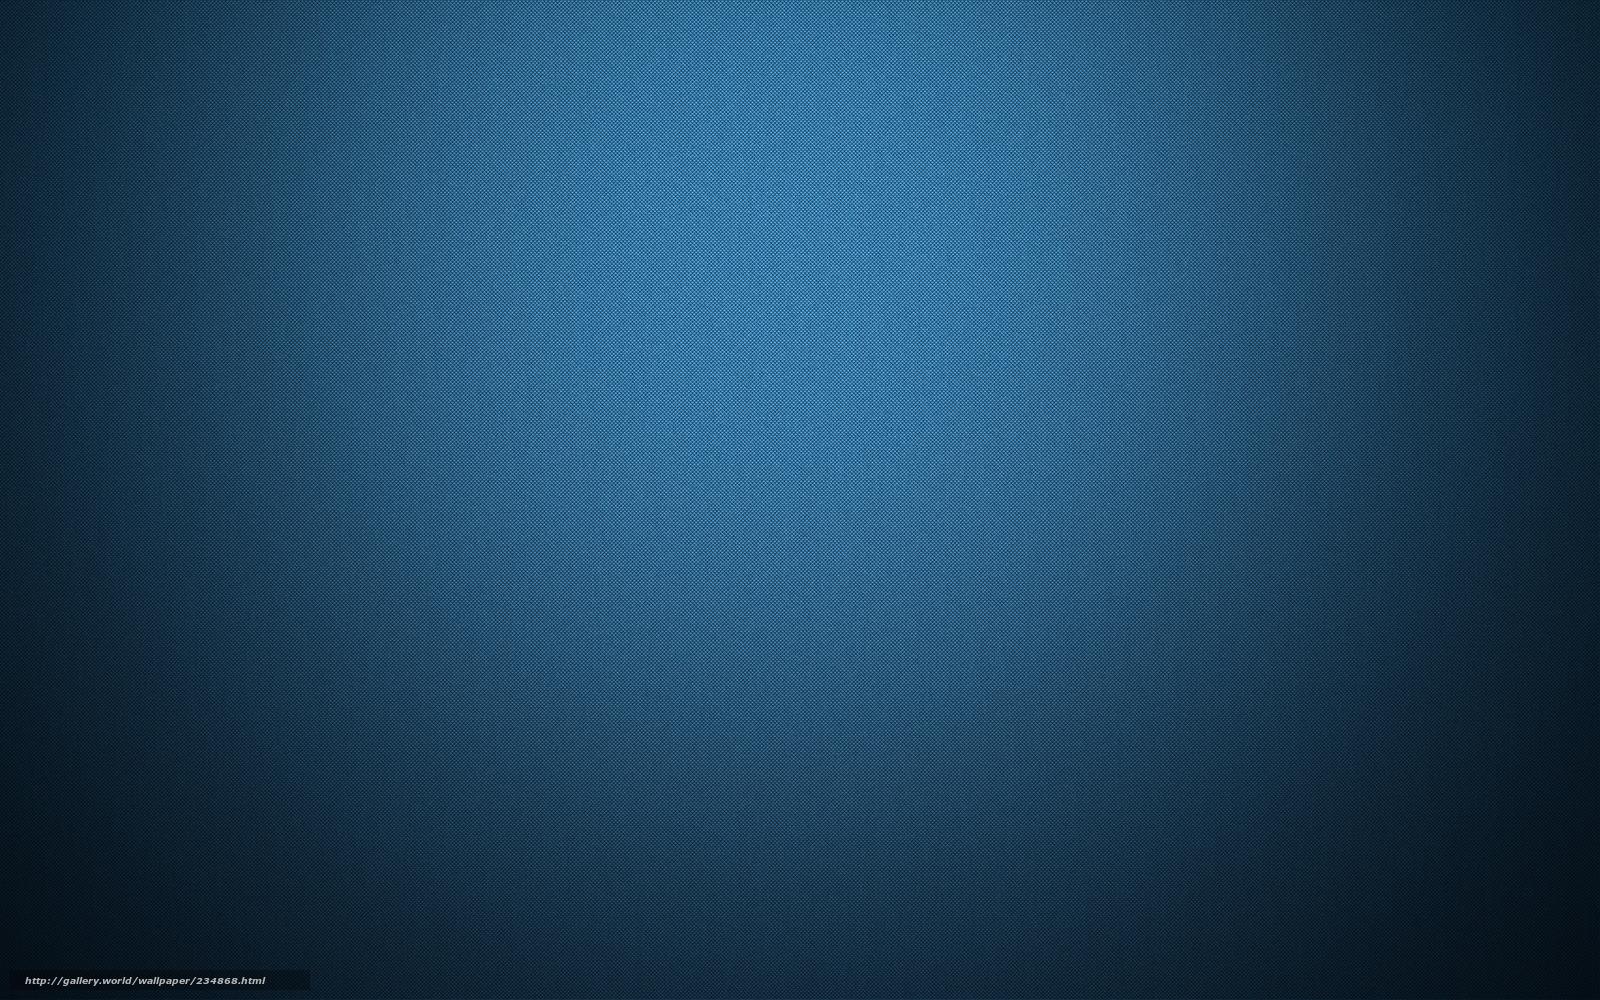 Tlcharger Fond d'ecran bleu, Textures, texture, fond Fonds d'ecran gratuits pour votre rsolution ...